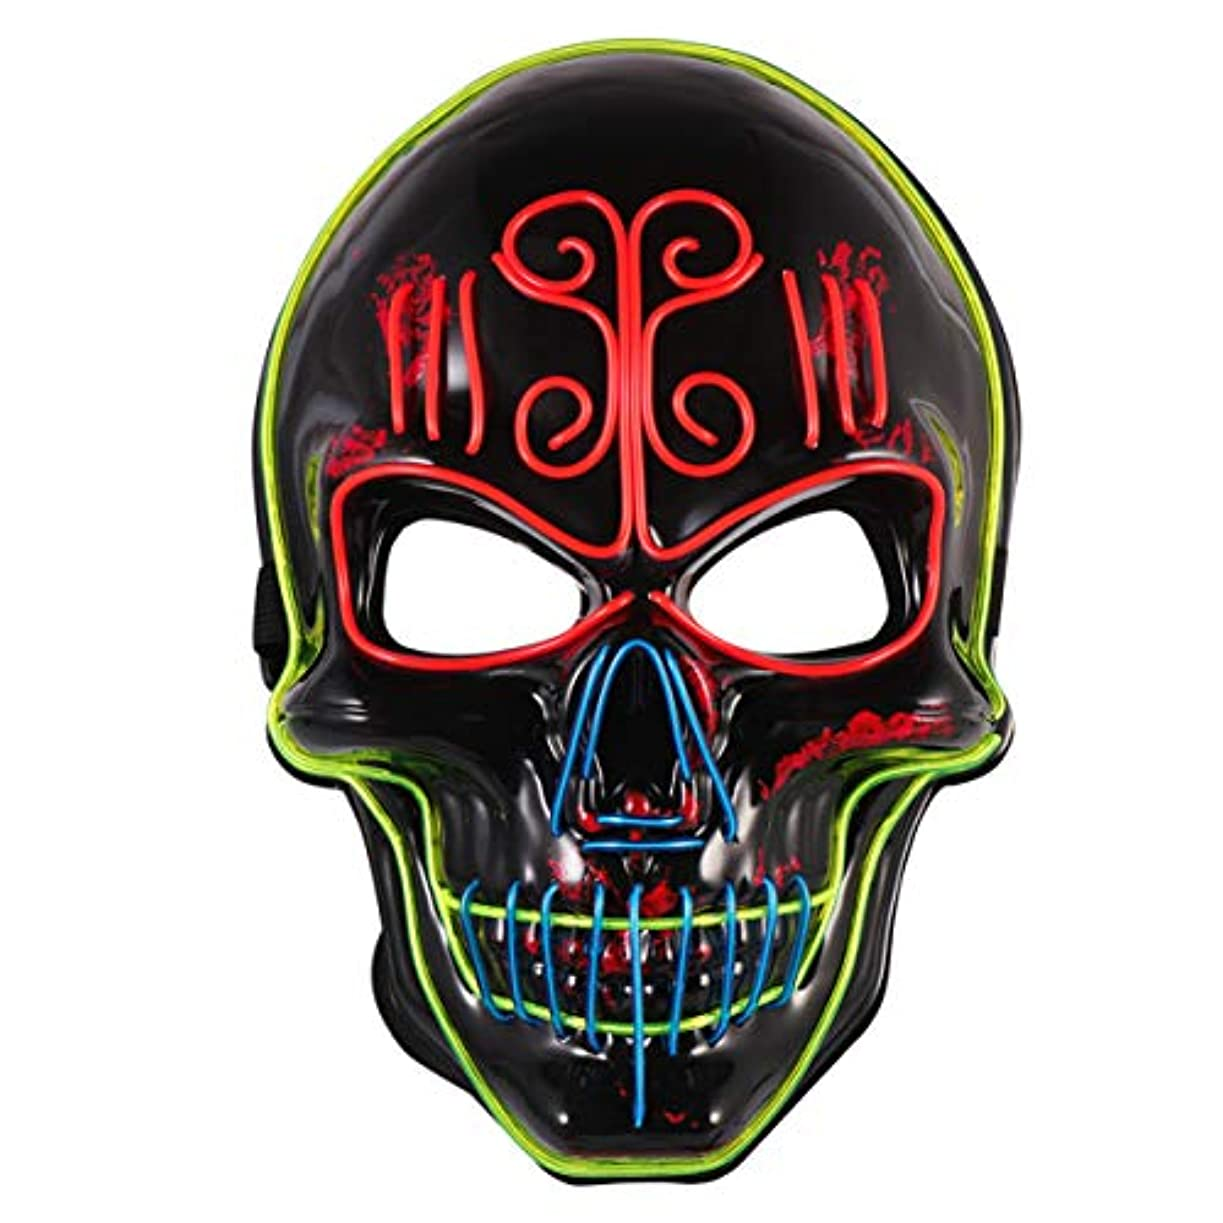 欲望壊す作成者Amosfun ledライトマスク怖いスカルヘッドテロコスプレマスクヘッドカバー発光マスク用ファンシーパーティーハロウィンダンスパーティー